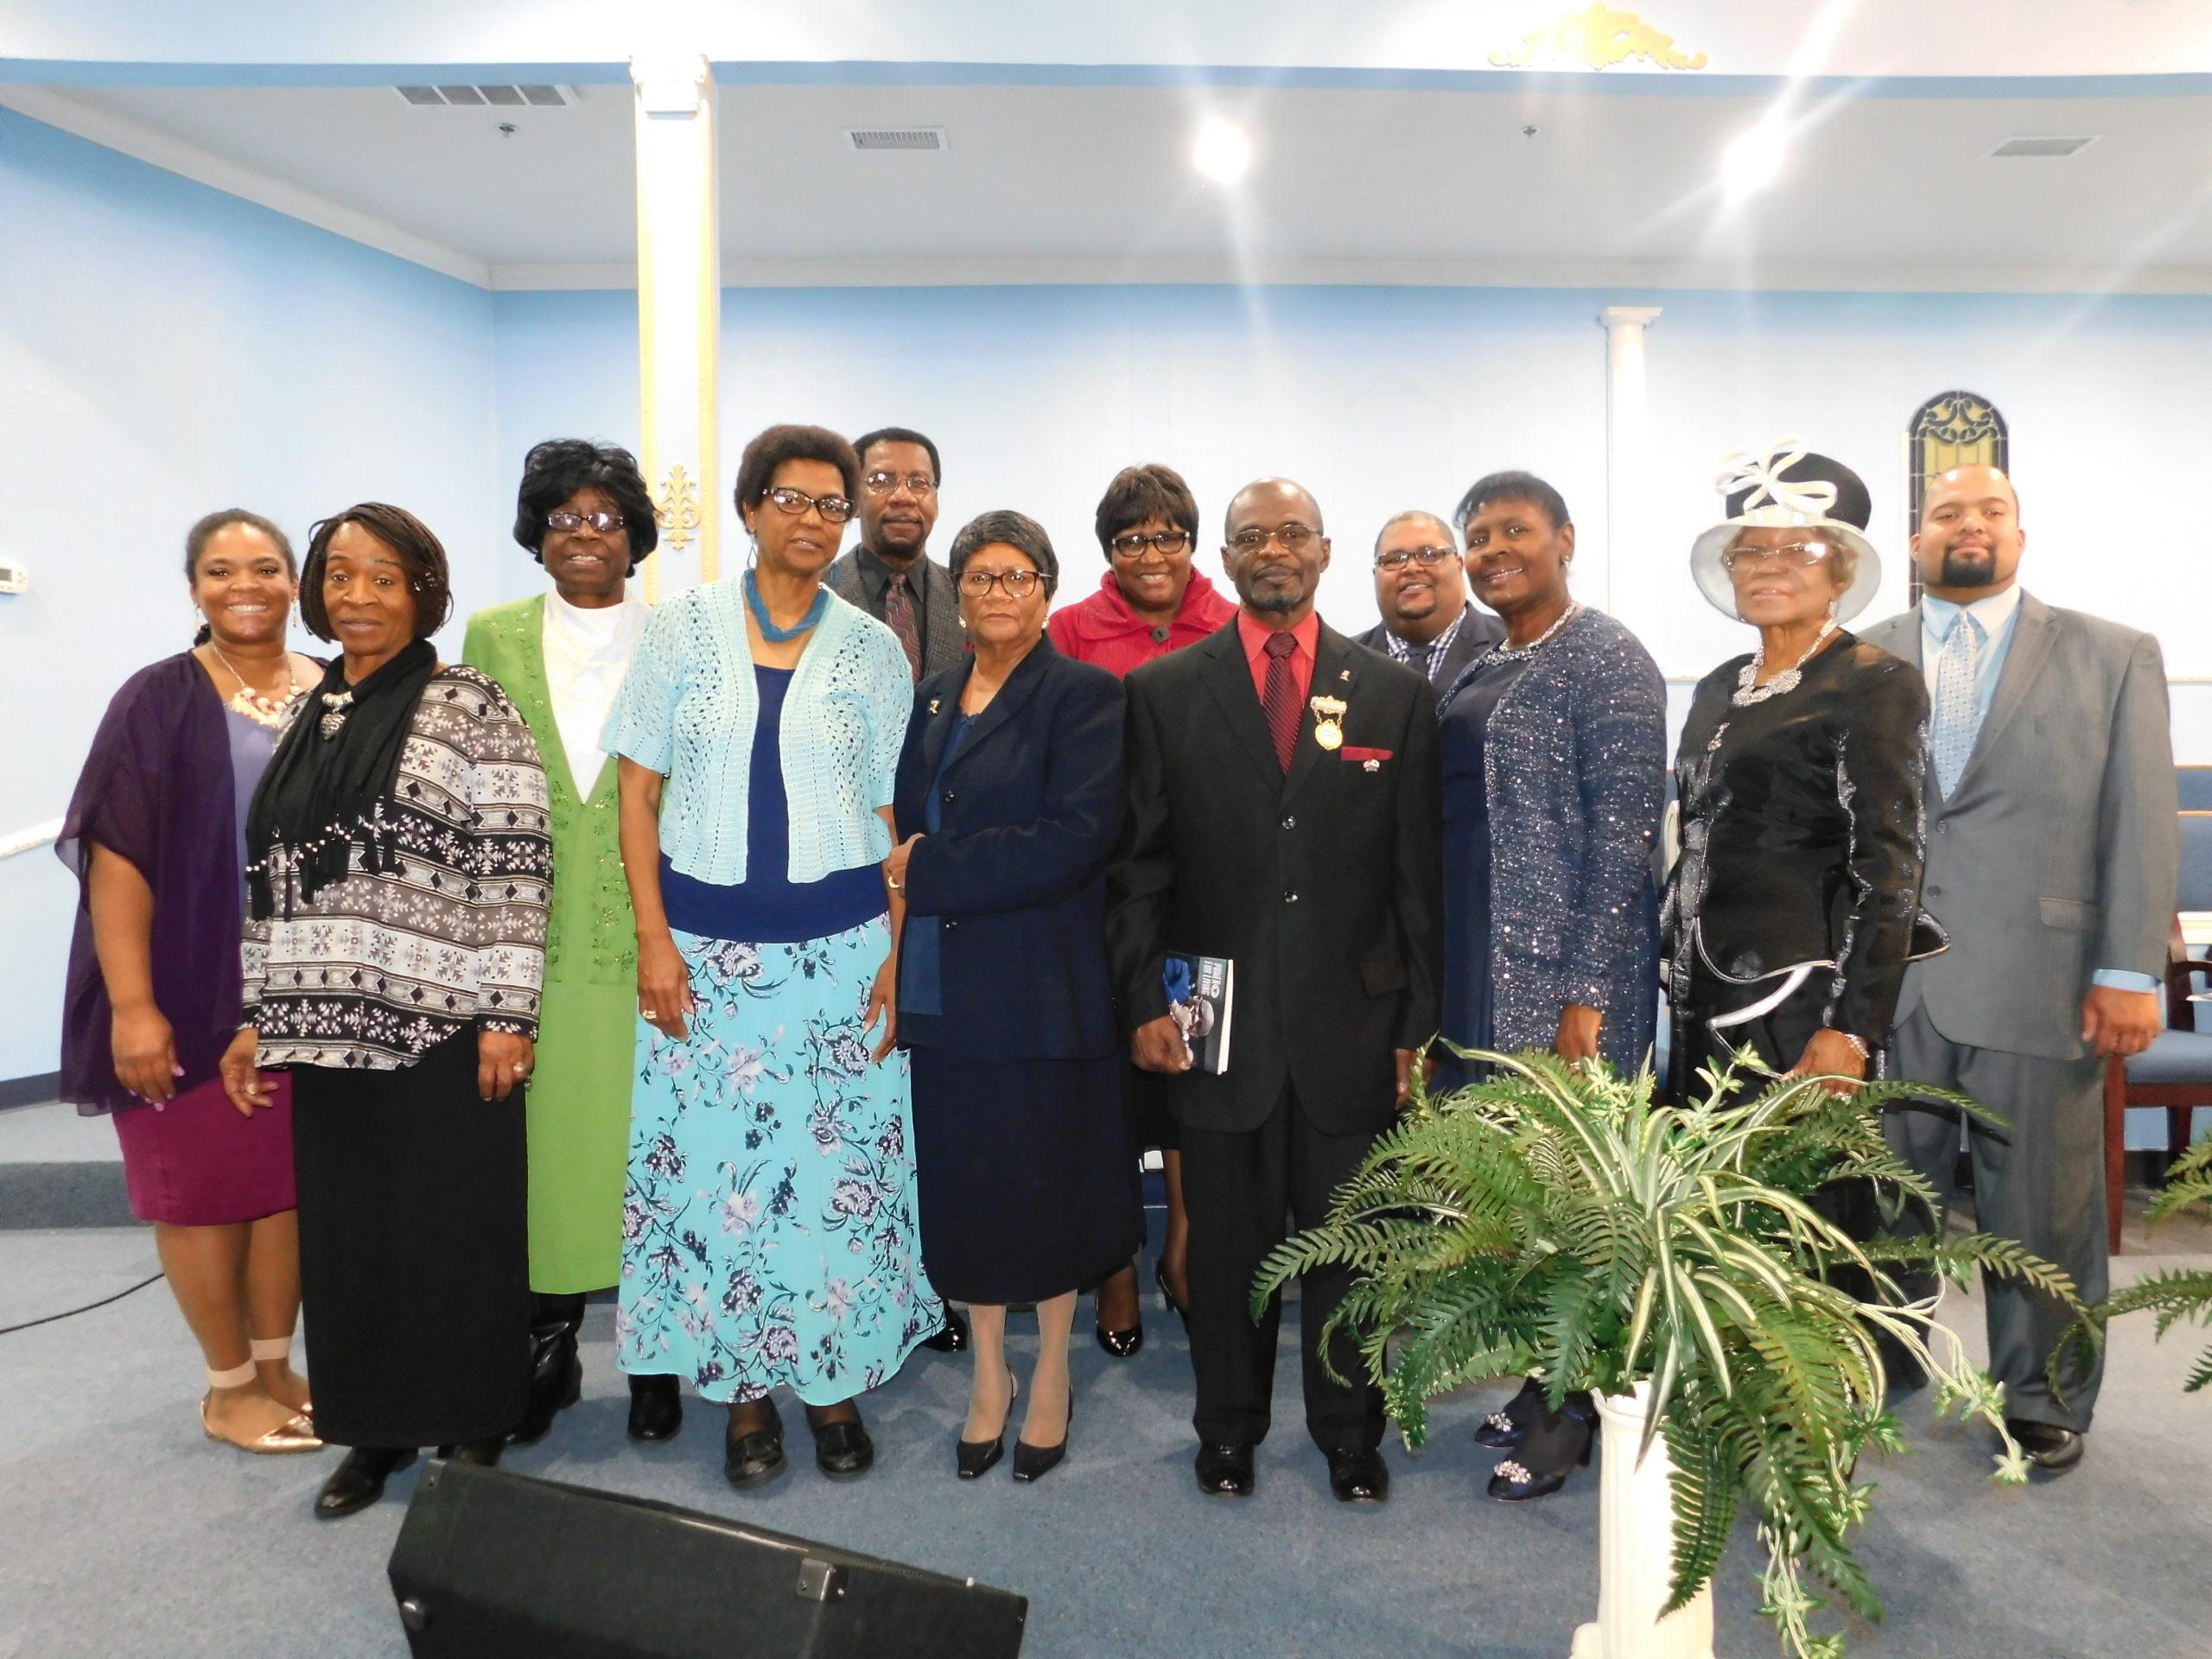 Sunday School Teachers